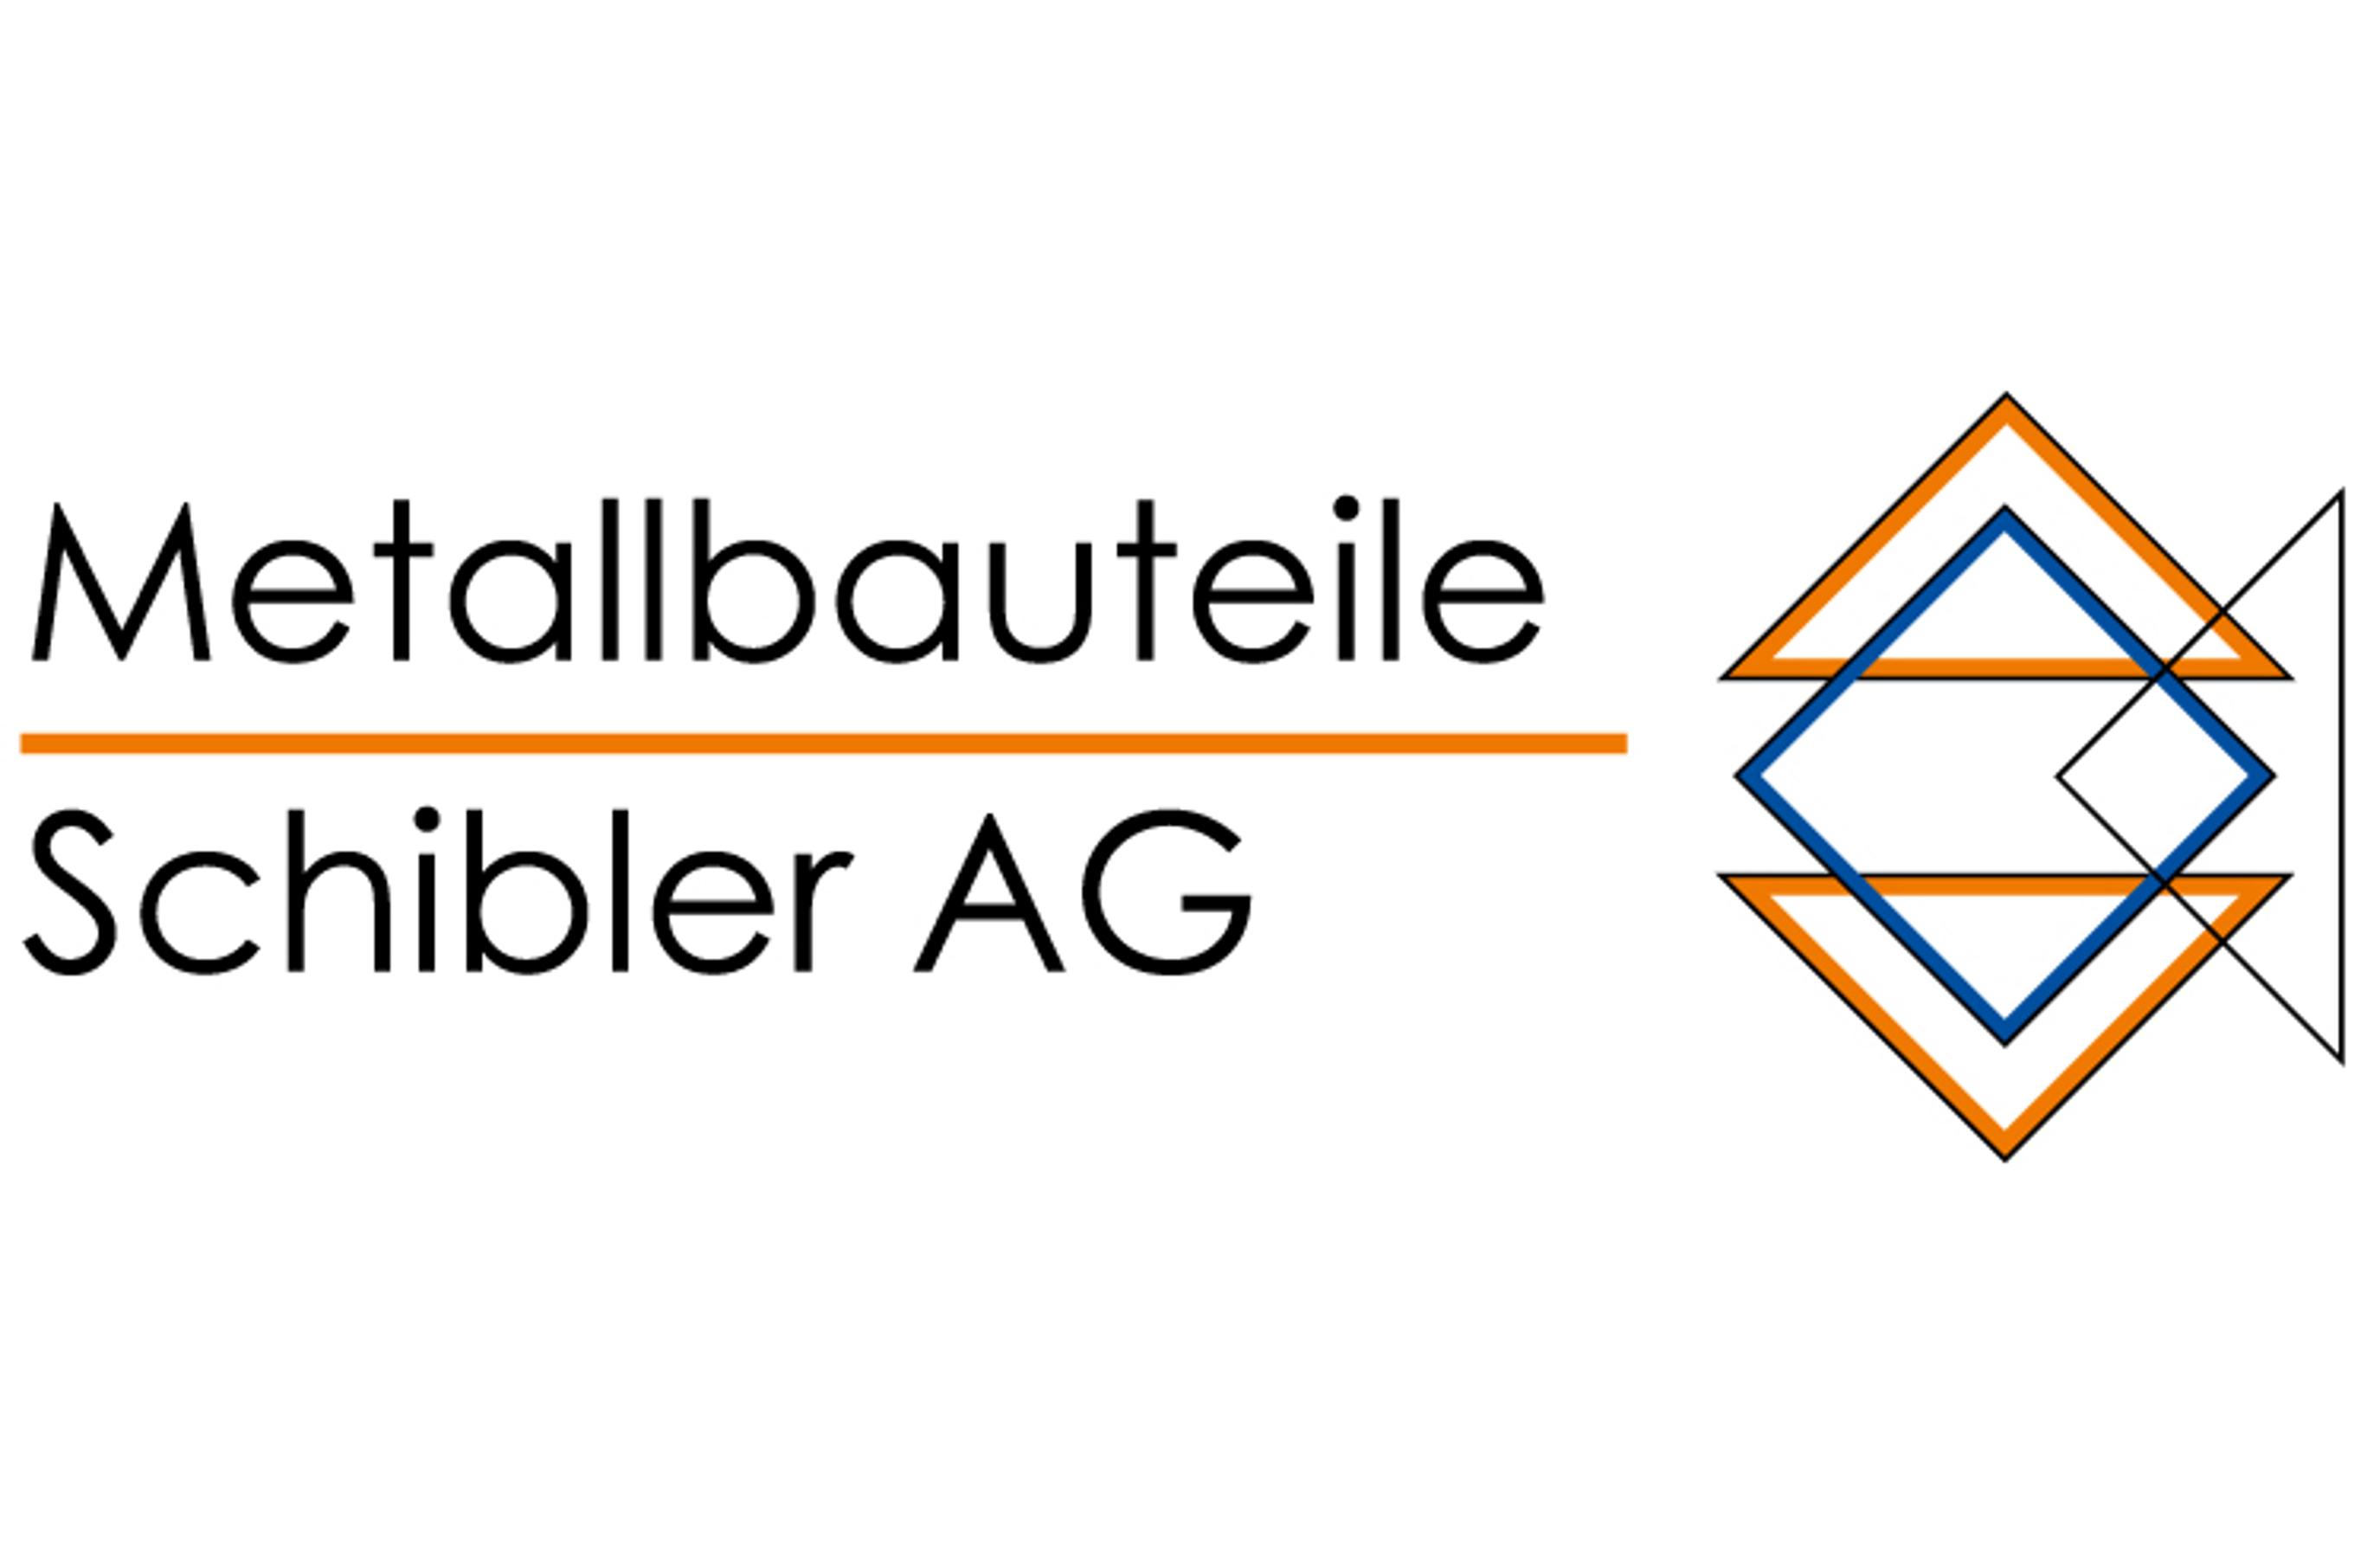 Metallbauteile Schibler AG